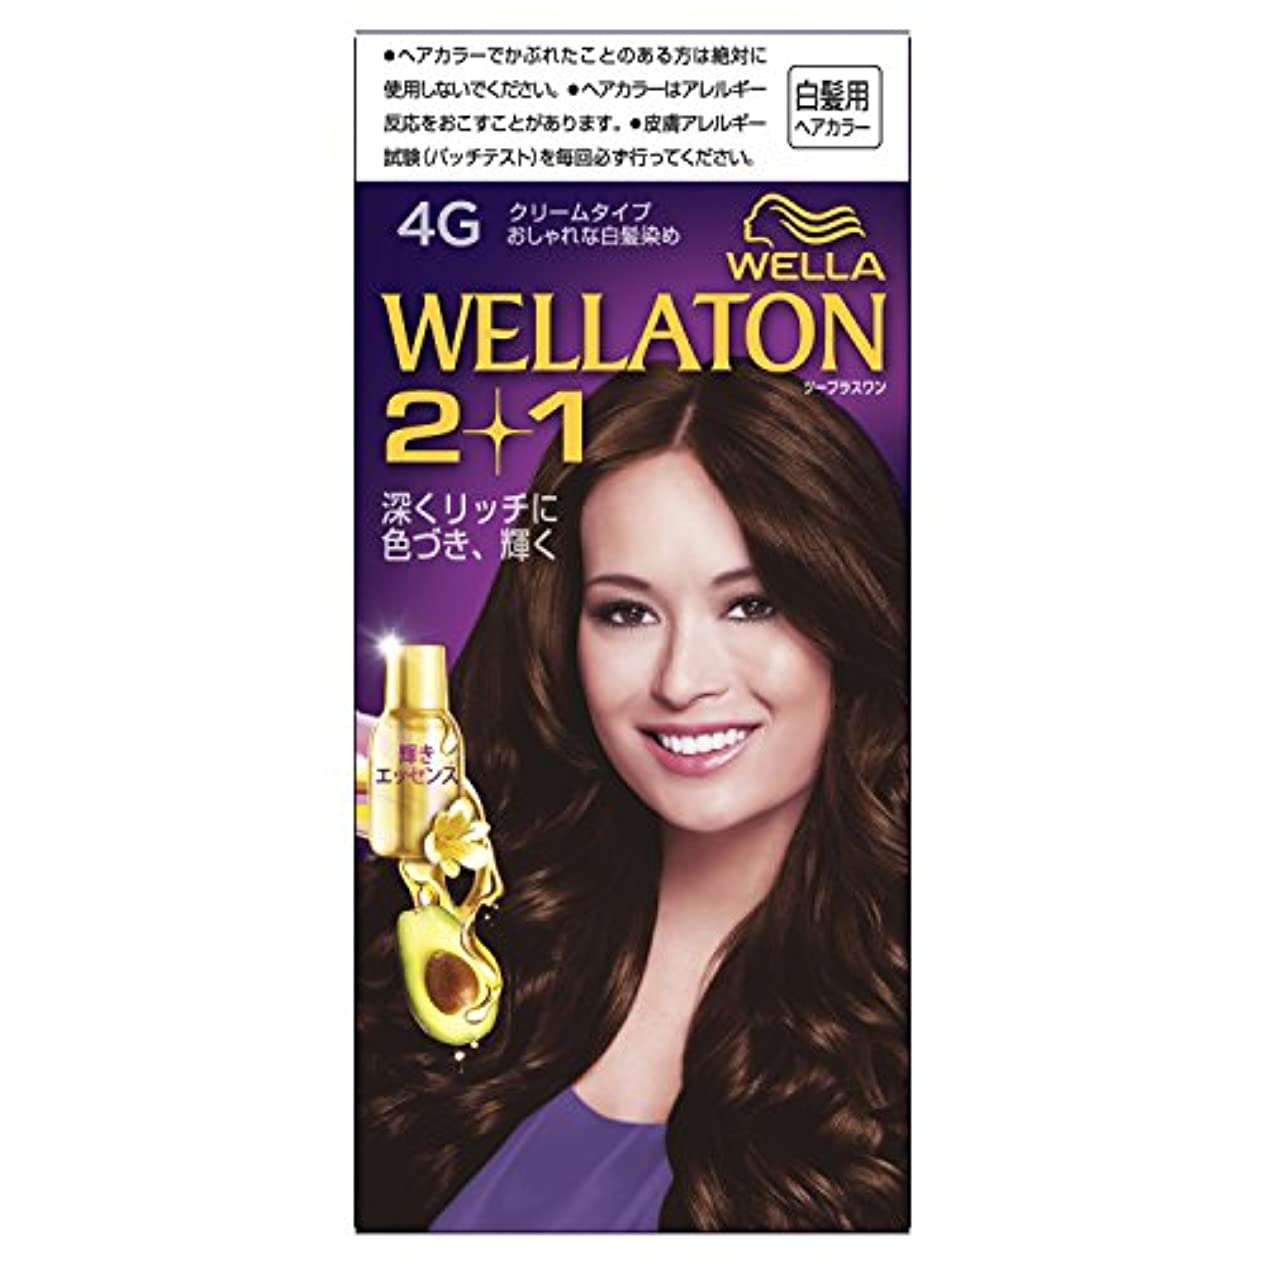 ブリーフケース不可能な摂氏度ウエラトーン2+1 クリームタイプ 4G[医薬部外品](おしゃれな白髪染め)